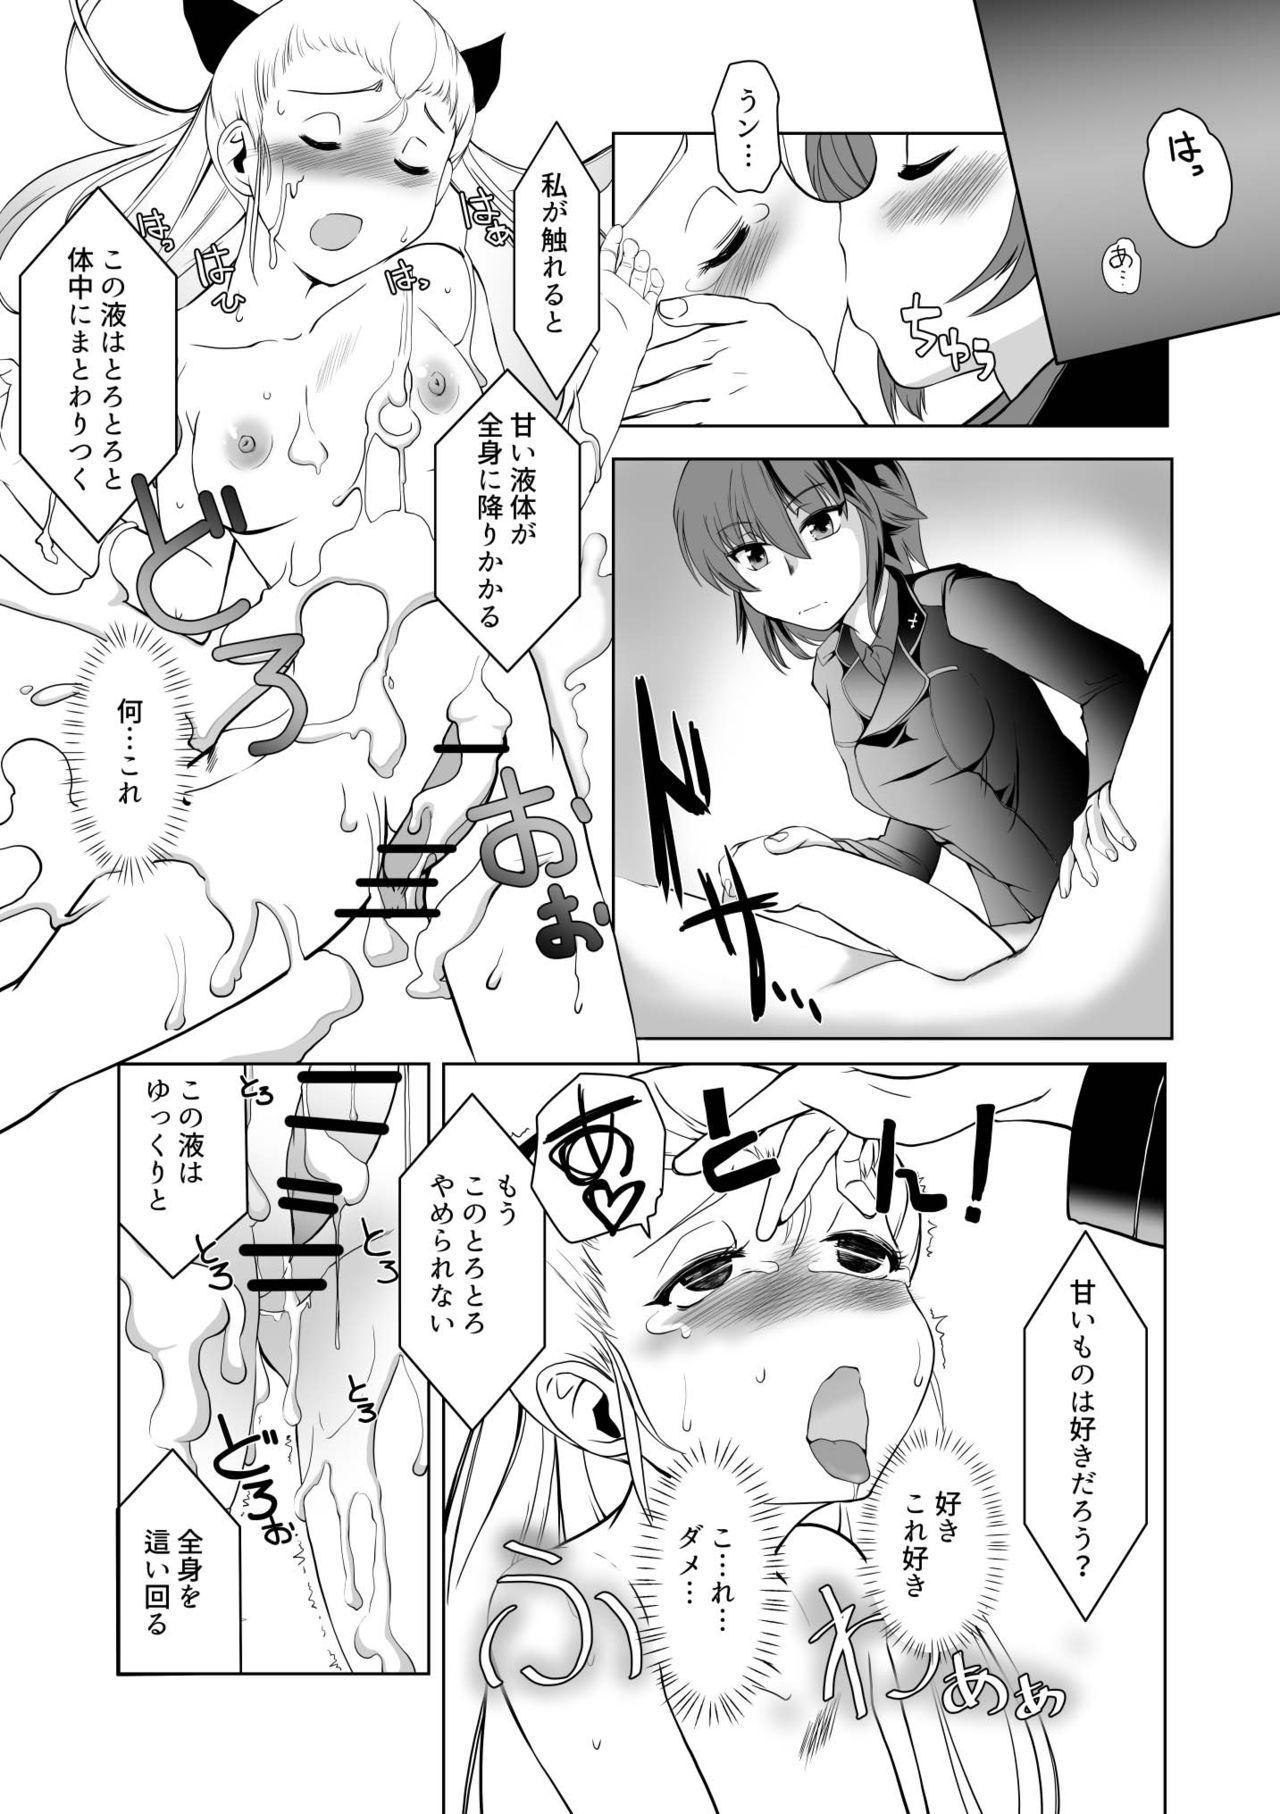 Seijo Kanraku Kuroi Mori no Shibo Sei Jinmon 11